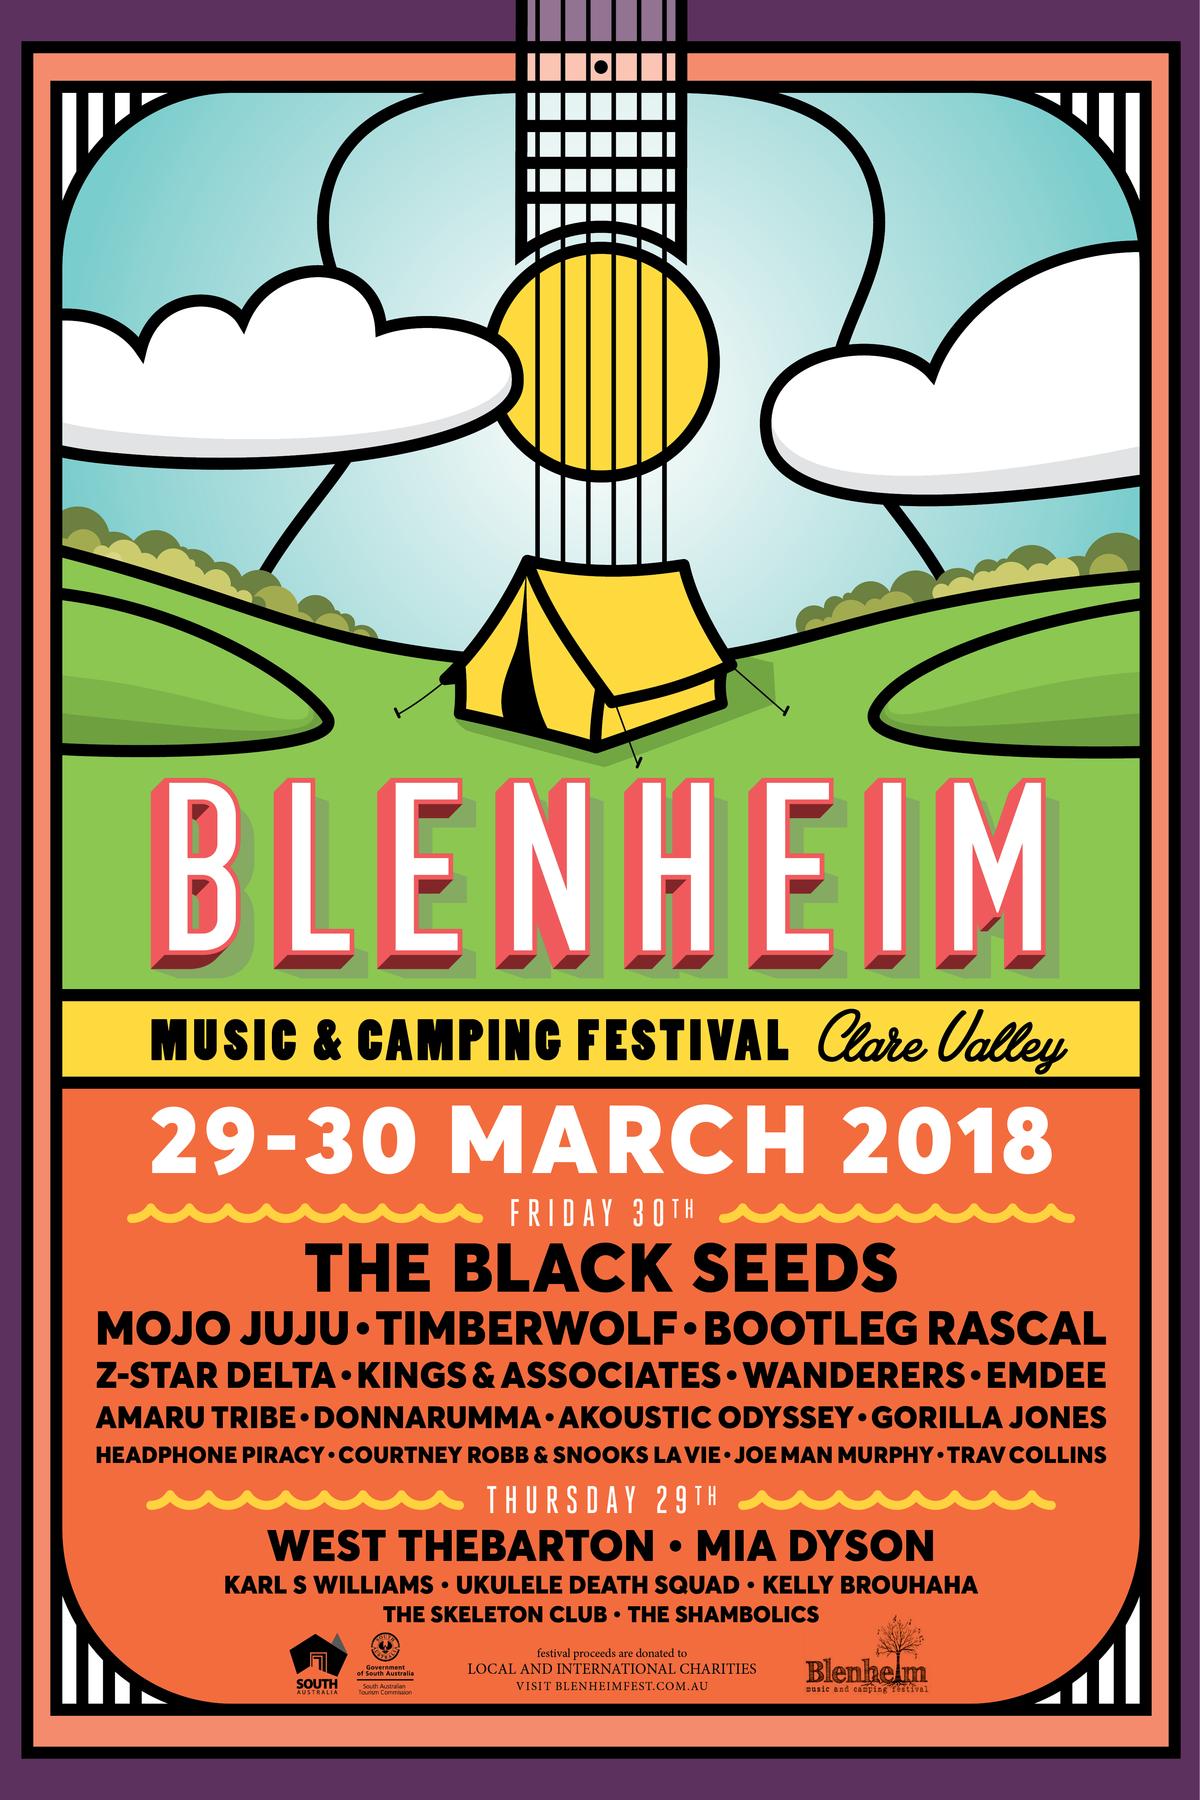 Blenheim Festival